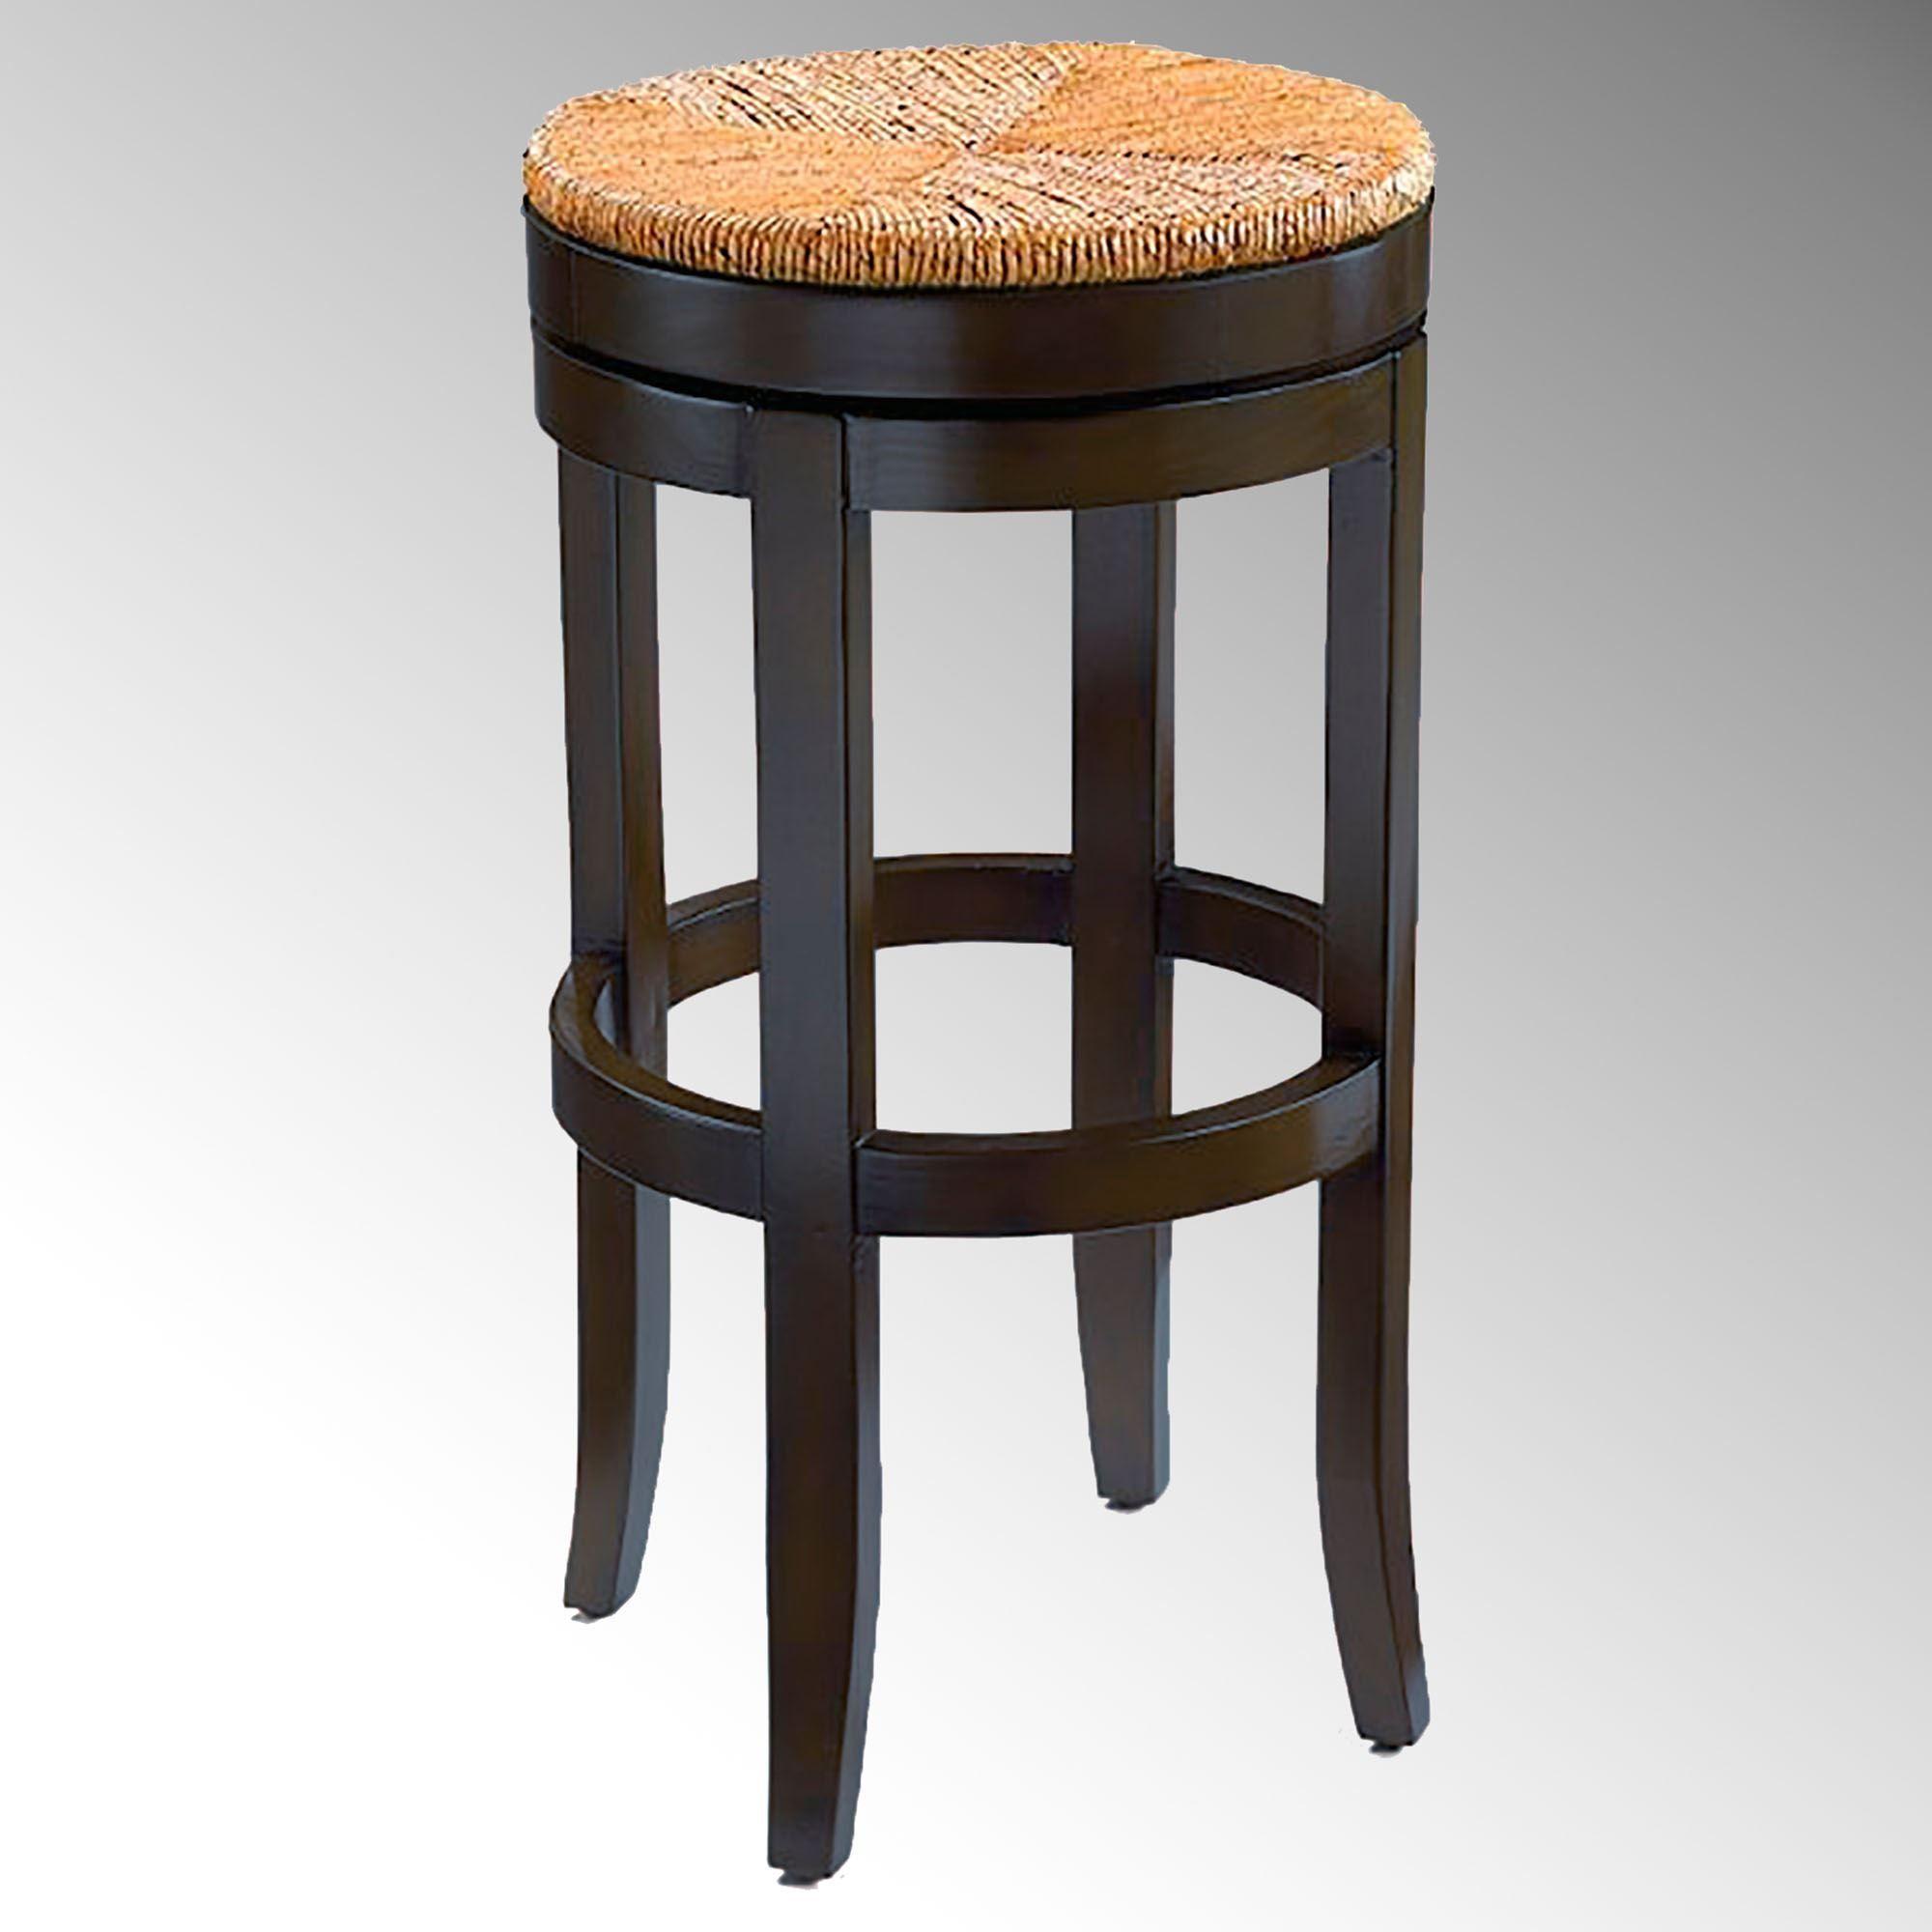 Oriana swivel bar stool black